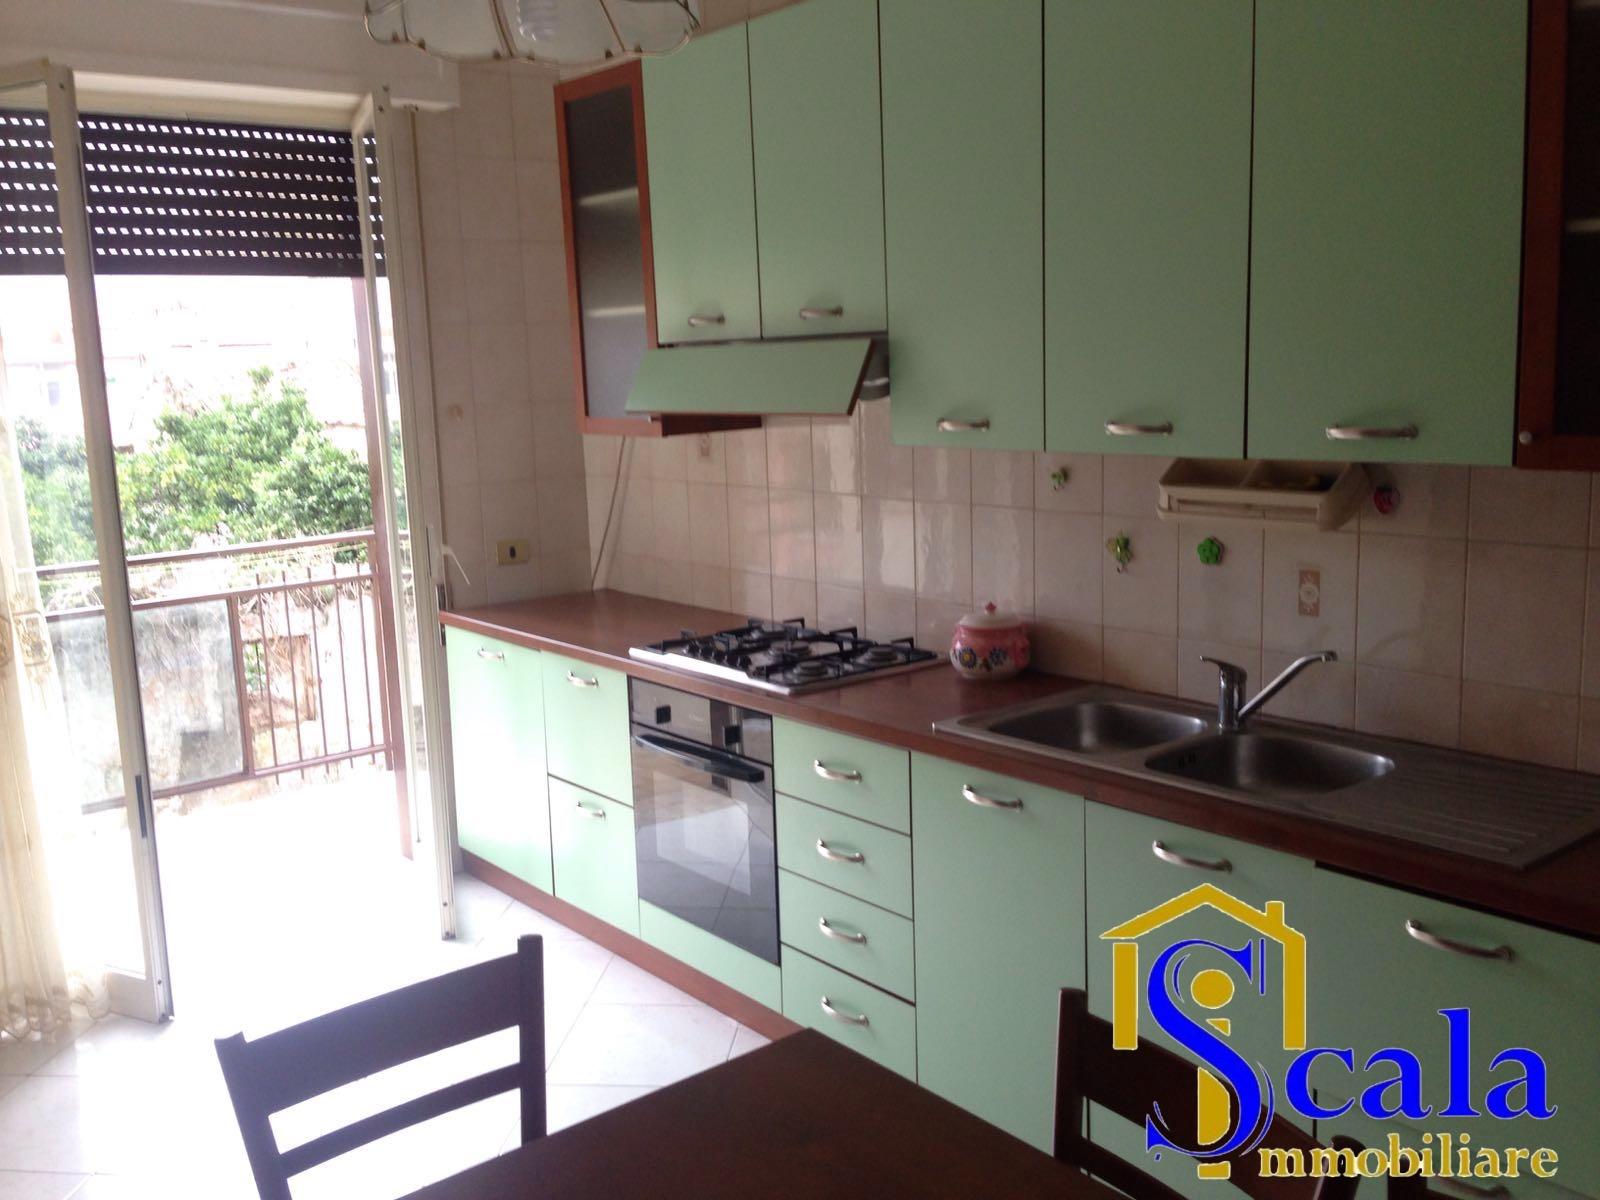 Appartamento in affitto a Macerata Campania, 2 locali, prezzo € 320 | CambioCasa.it